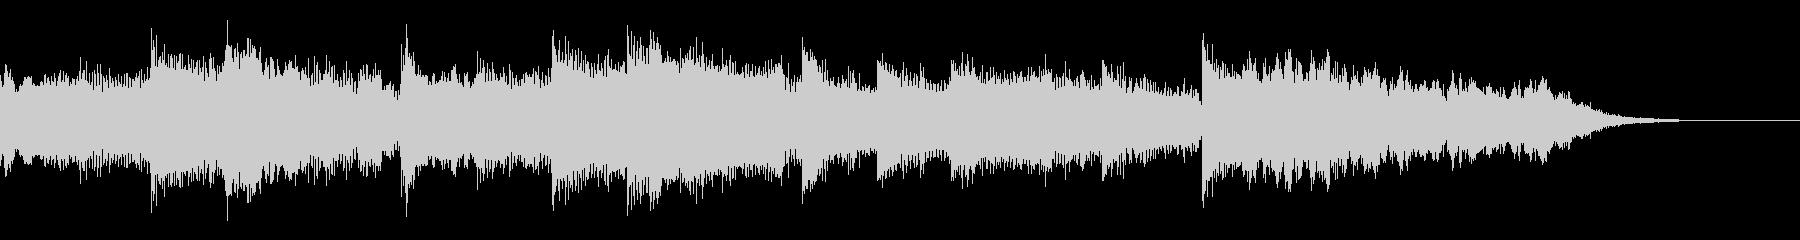 浮遊感のあるCM用BGMの未再生の波形